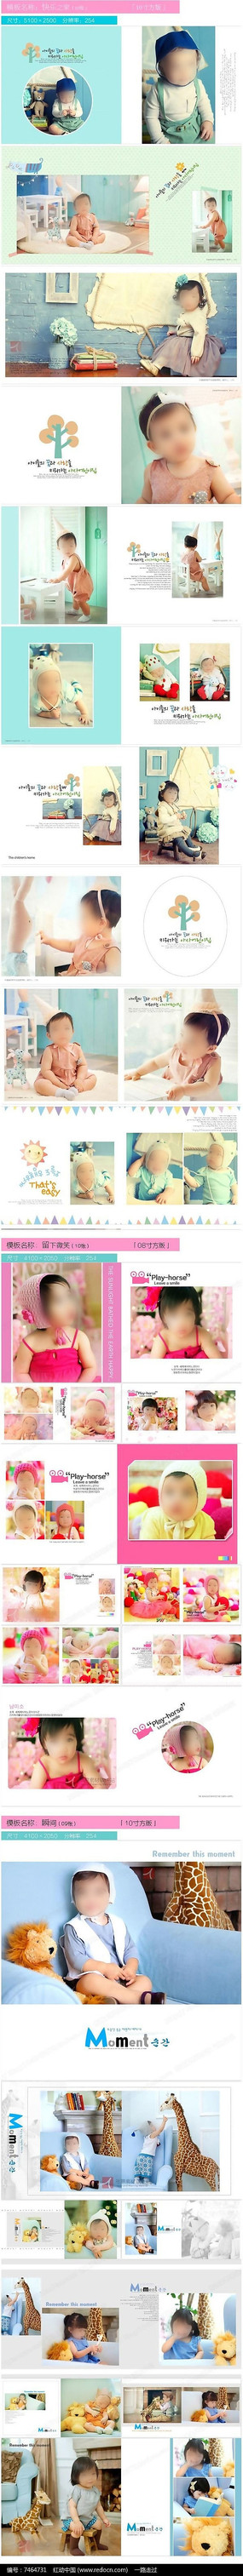 三套儿童相册模板设计 PSD